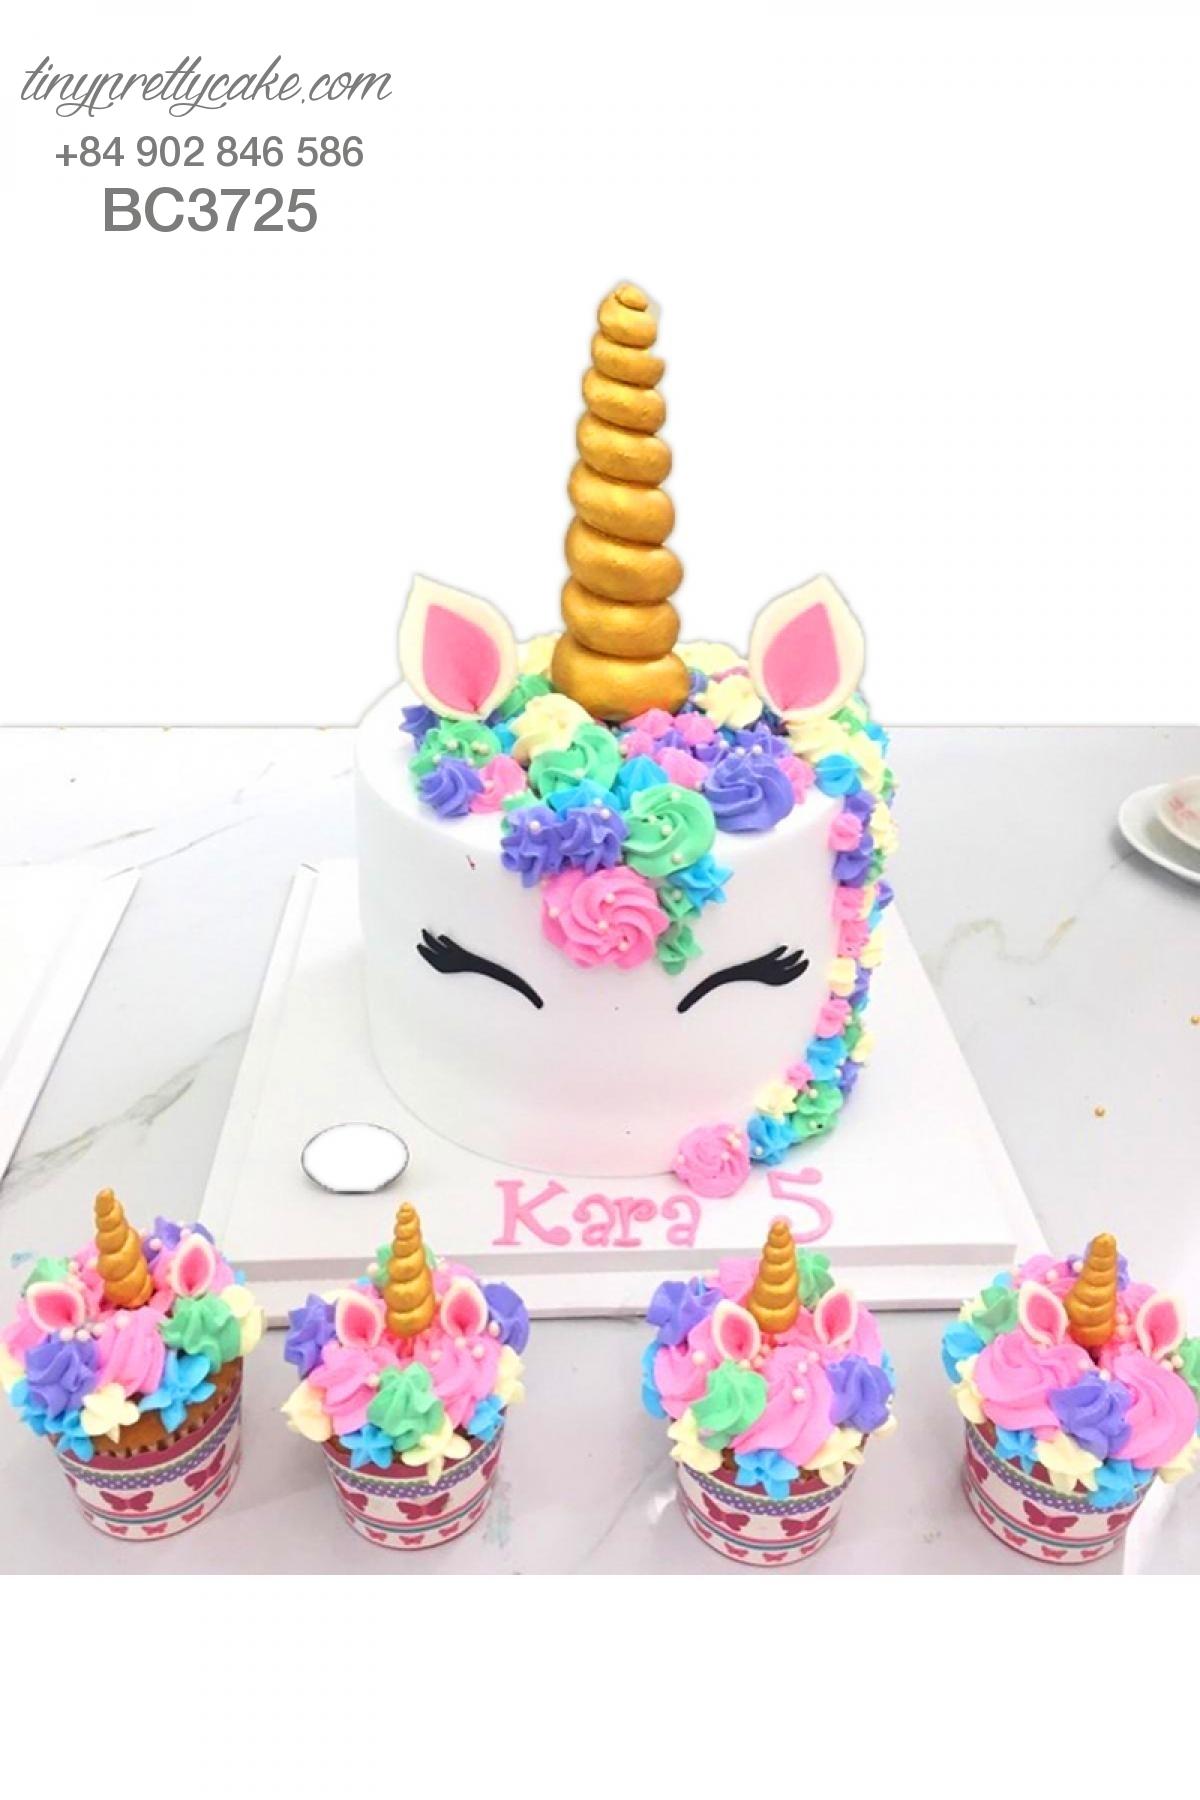 Bánh sinh nhật dễ thương tạo hình chú ngựa Pony (Unicorn) - mừng thôi nôi cho bé gái (BC3725)